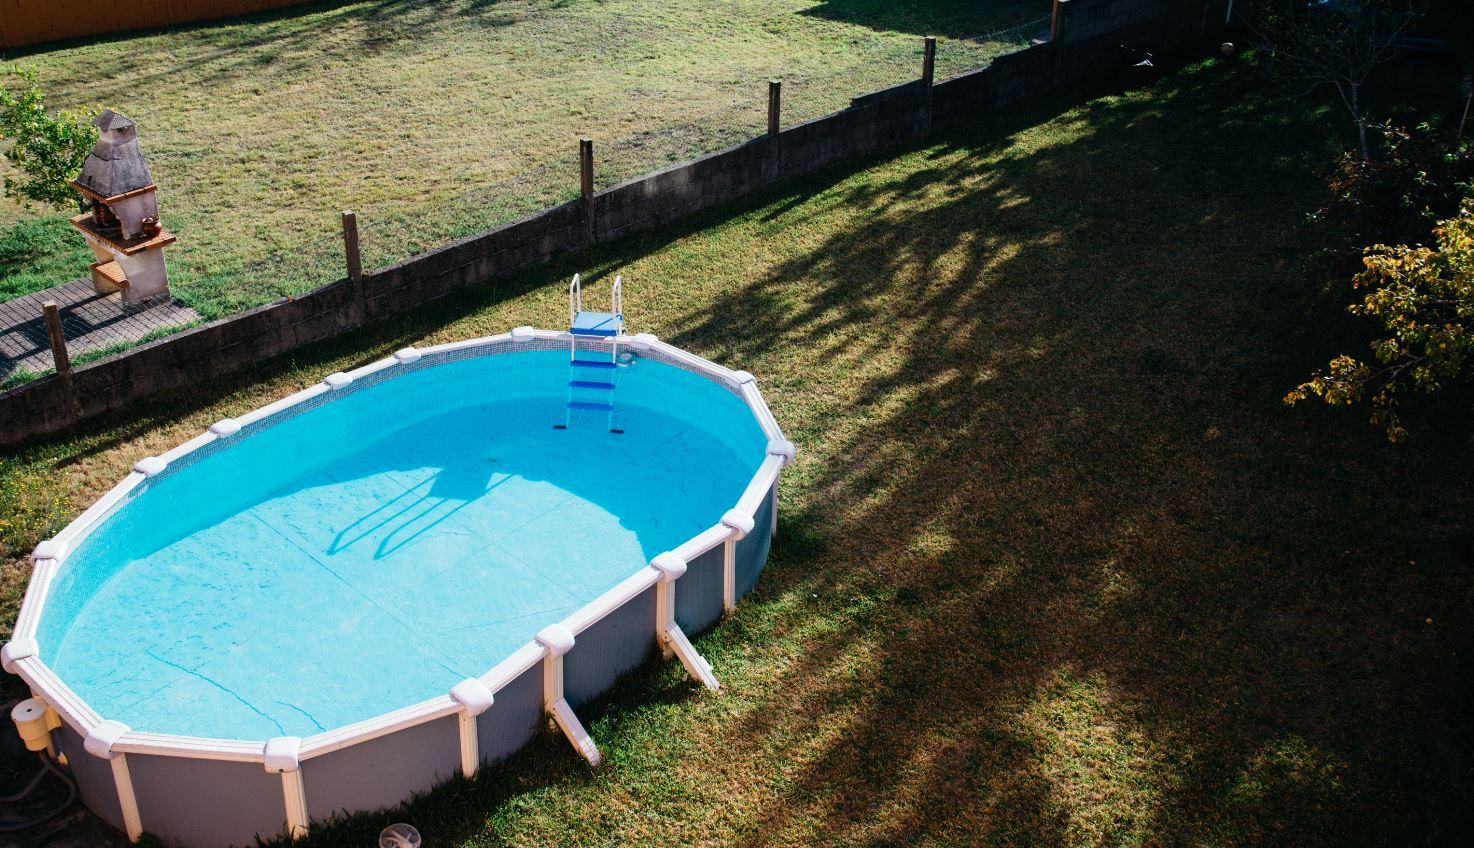 Que mettre sous une piscine hors sol les meilleurs conseils - Peut on enterrer une piscine hors sol ...